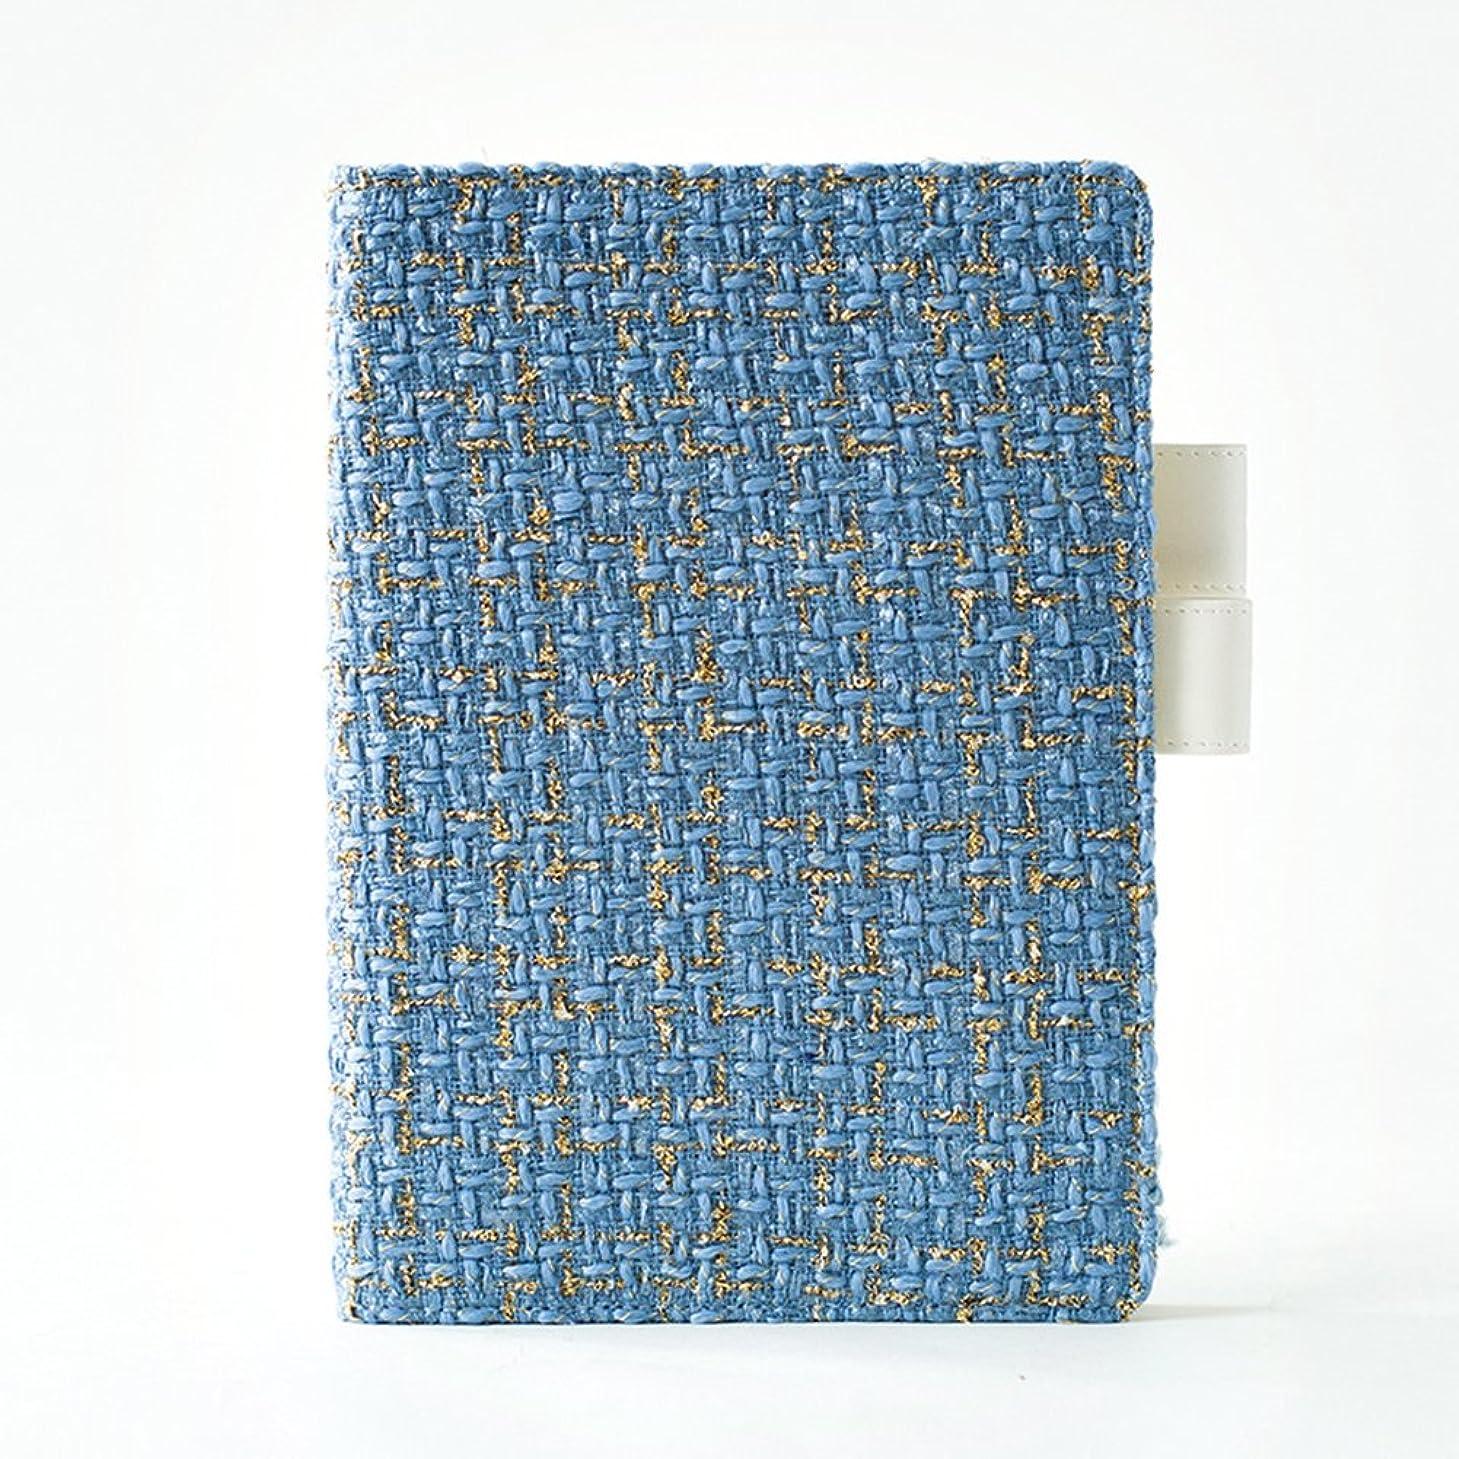 勇気のあるファンブル敬なLiebeye ノートブック クリエイティブ コンシーズクロスカバーノートブック高品質ジャーナル日記帳 A5 A5レイクブルー